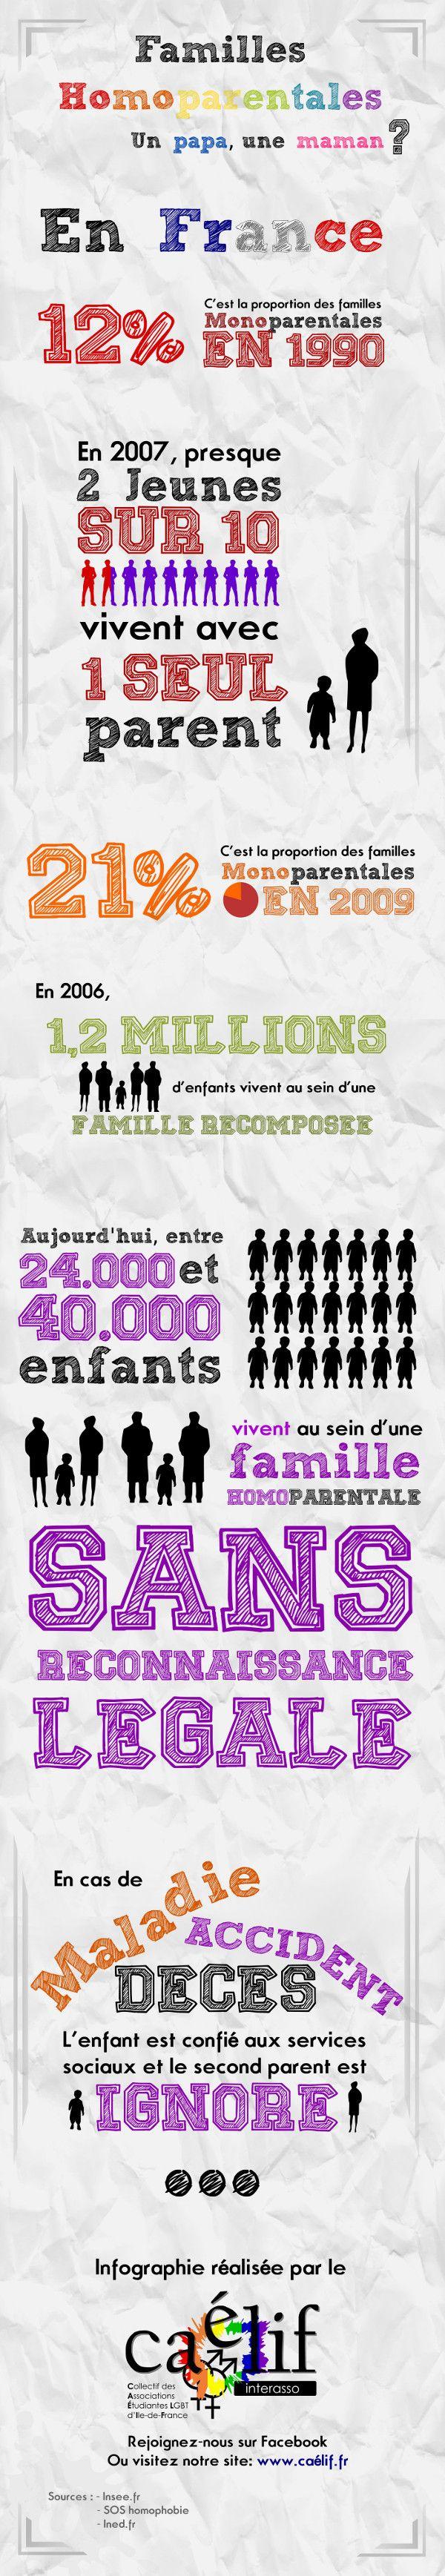 [Infographie] La famille en France: un papa, une maman?